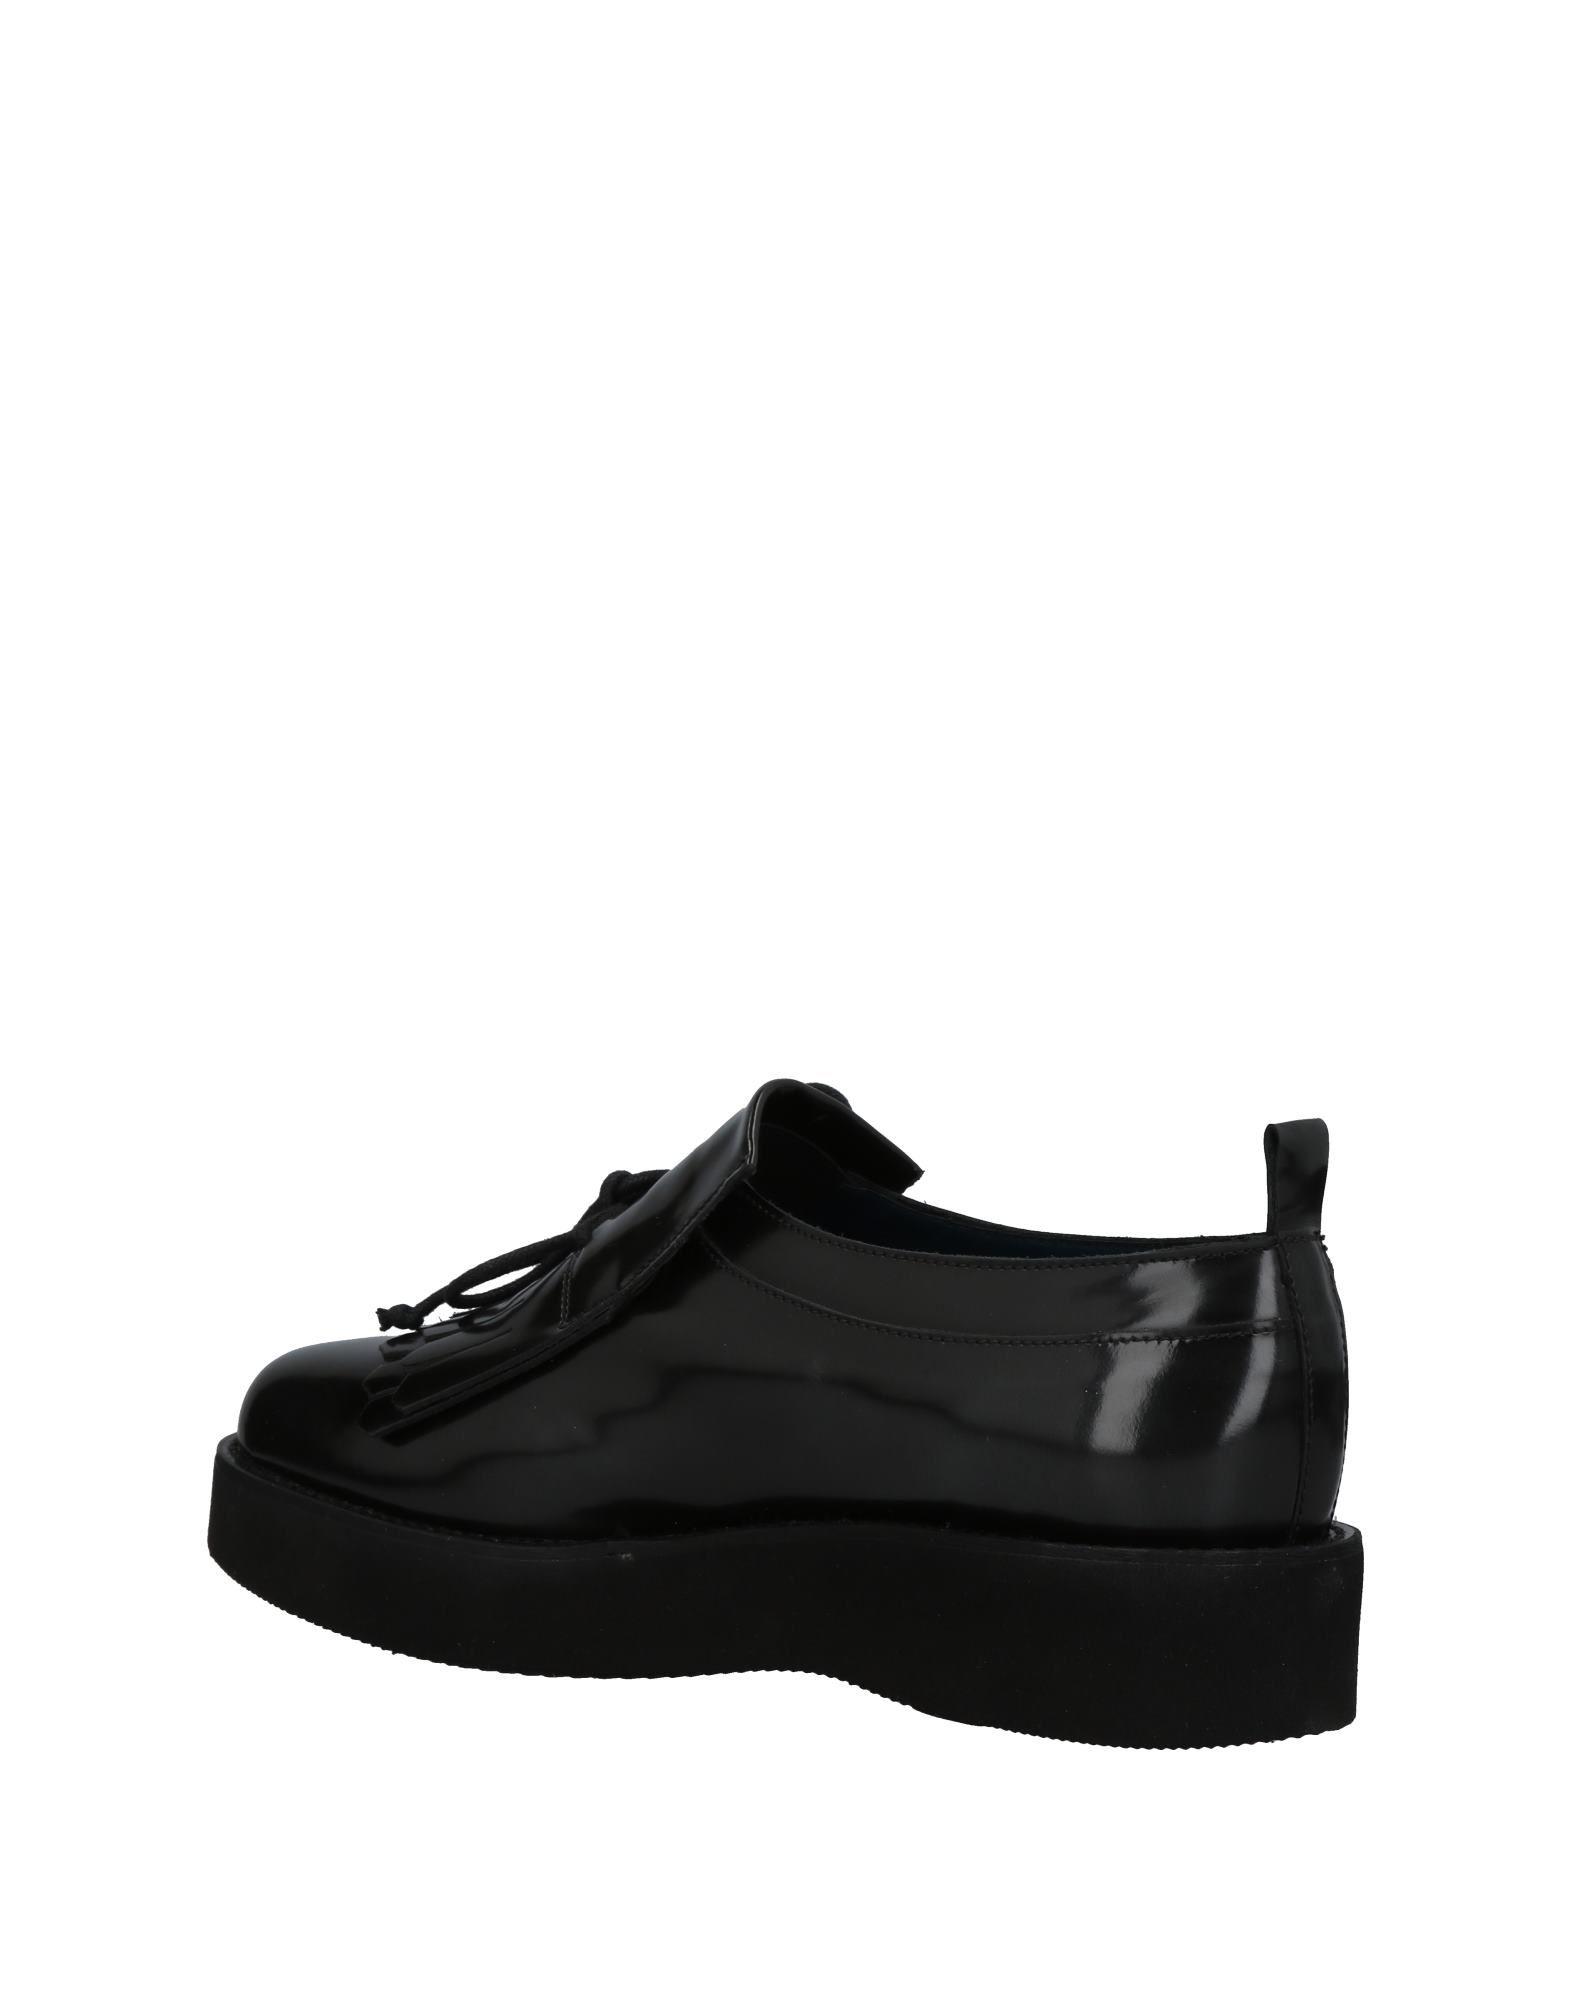 Le Ble Mokassins Damen  Schuhe 11460181SU Gute Qualität beliebte Schuhe  5f6650